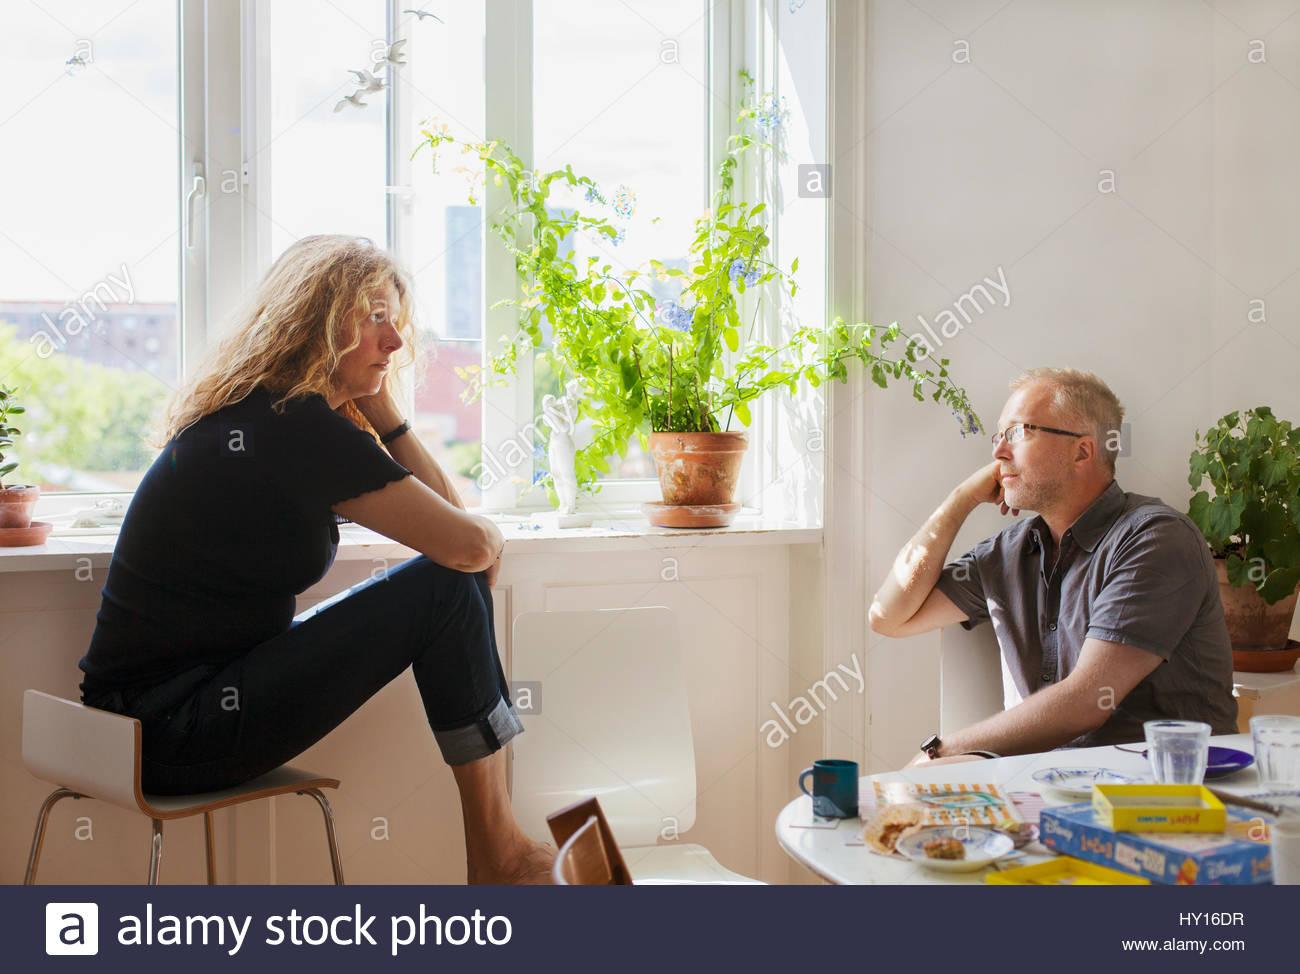 Dänemark, Mann und Frau im Gespräch Stockbild